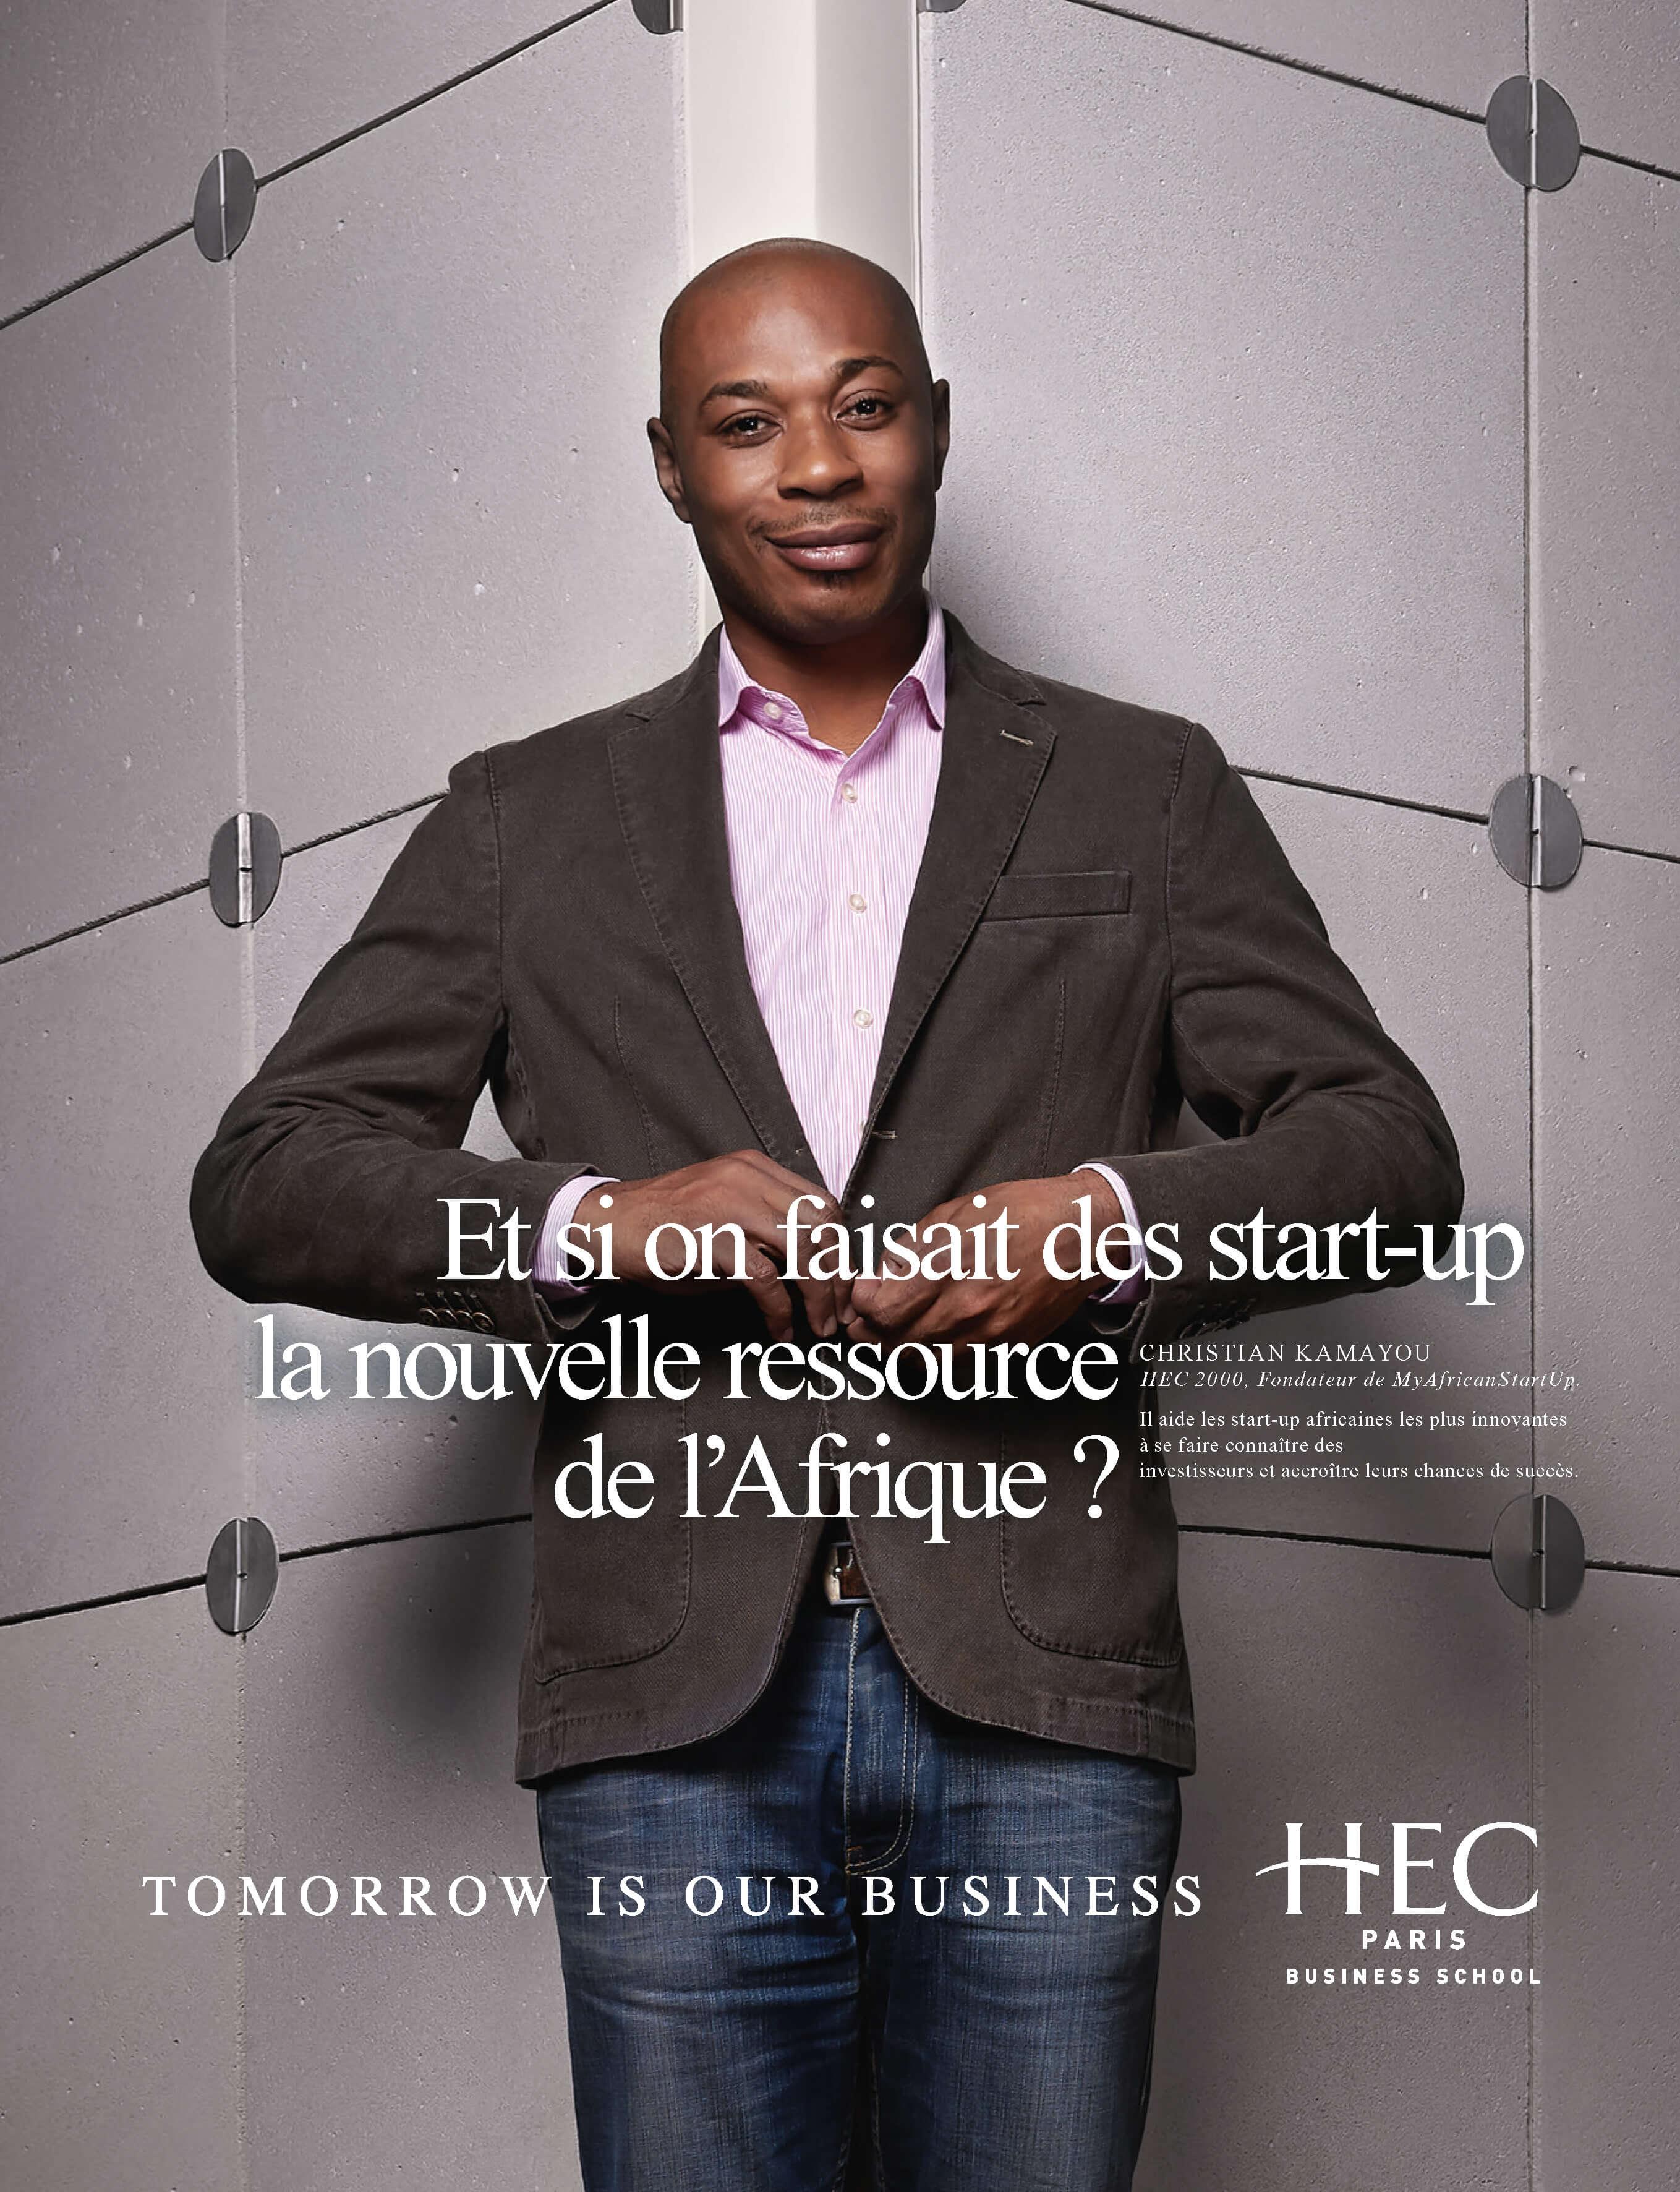 Et si on faisait des start-up la nouvelle ressource de l'Afrique?